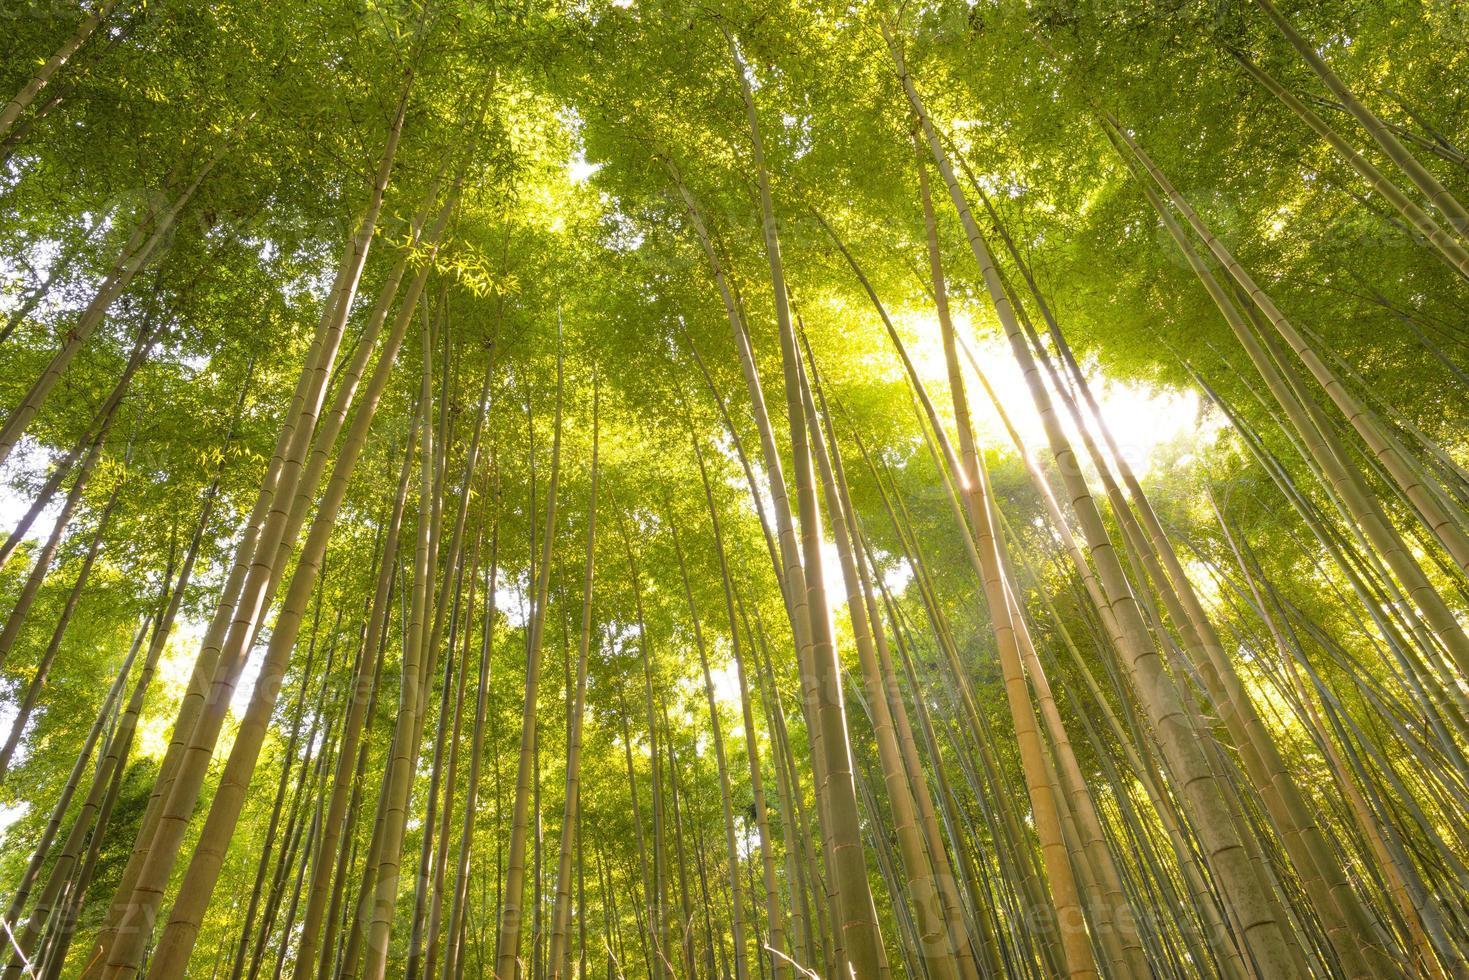 bosque de bambú, kyoto, japón foto